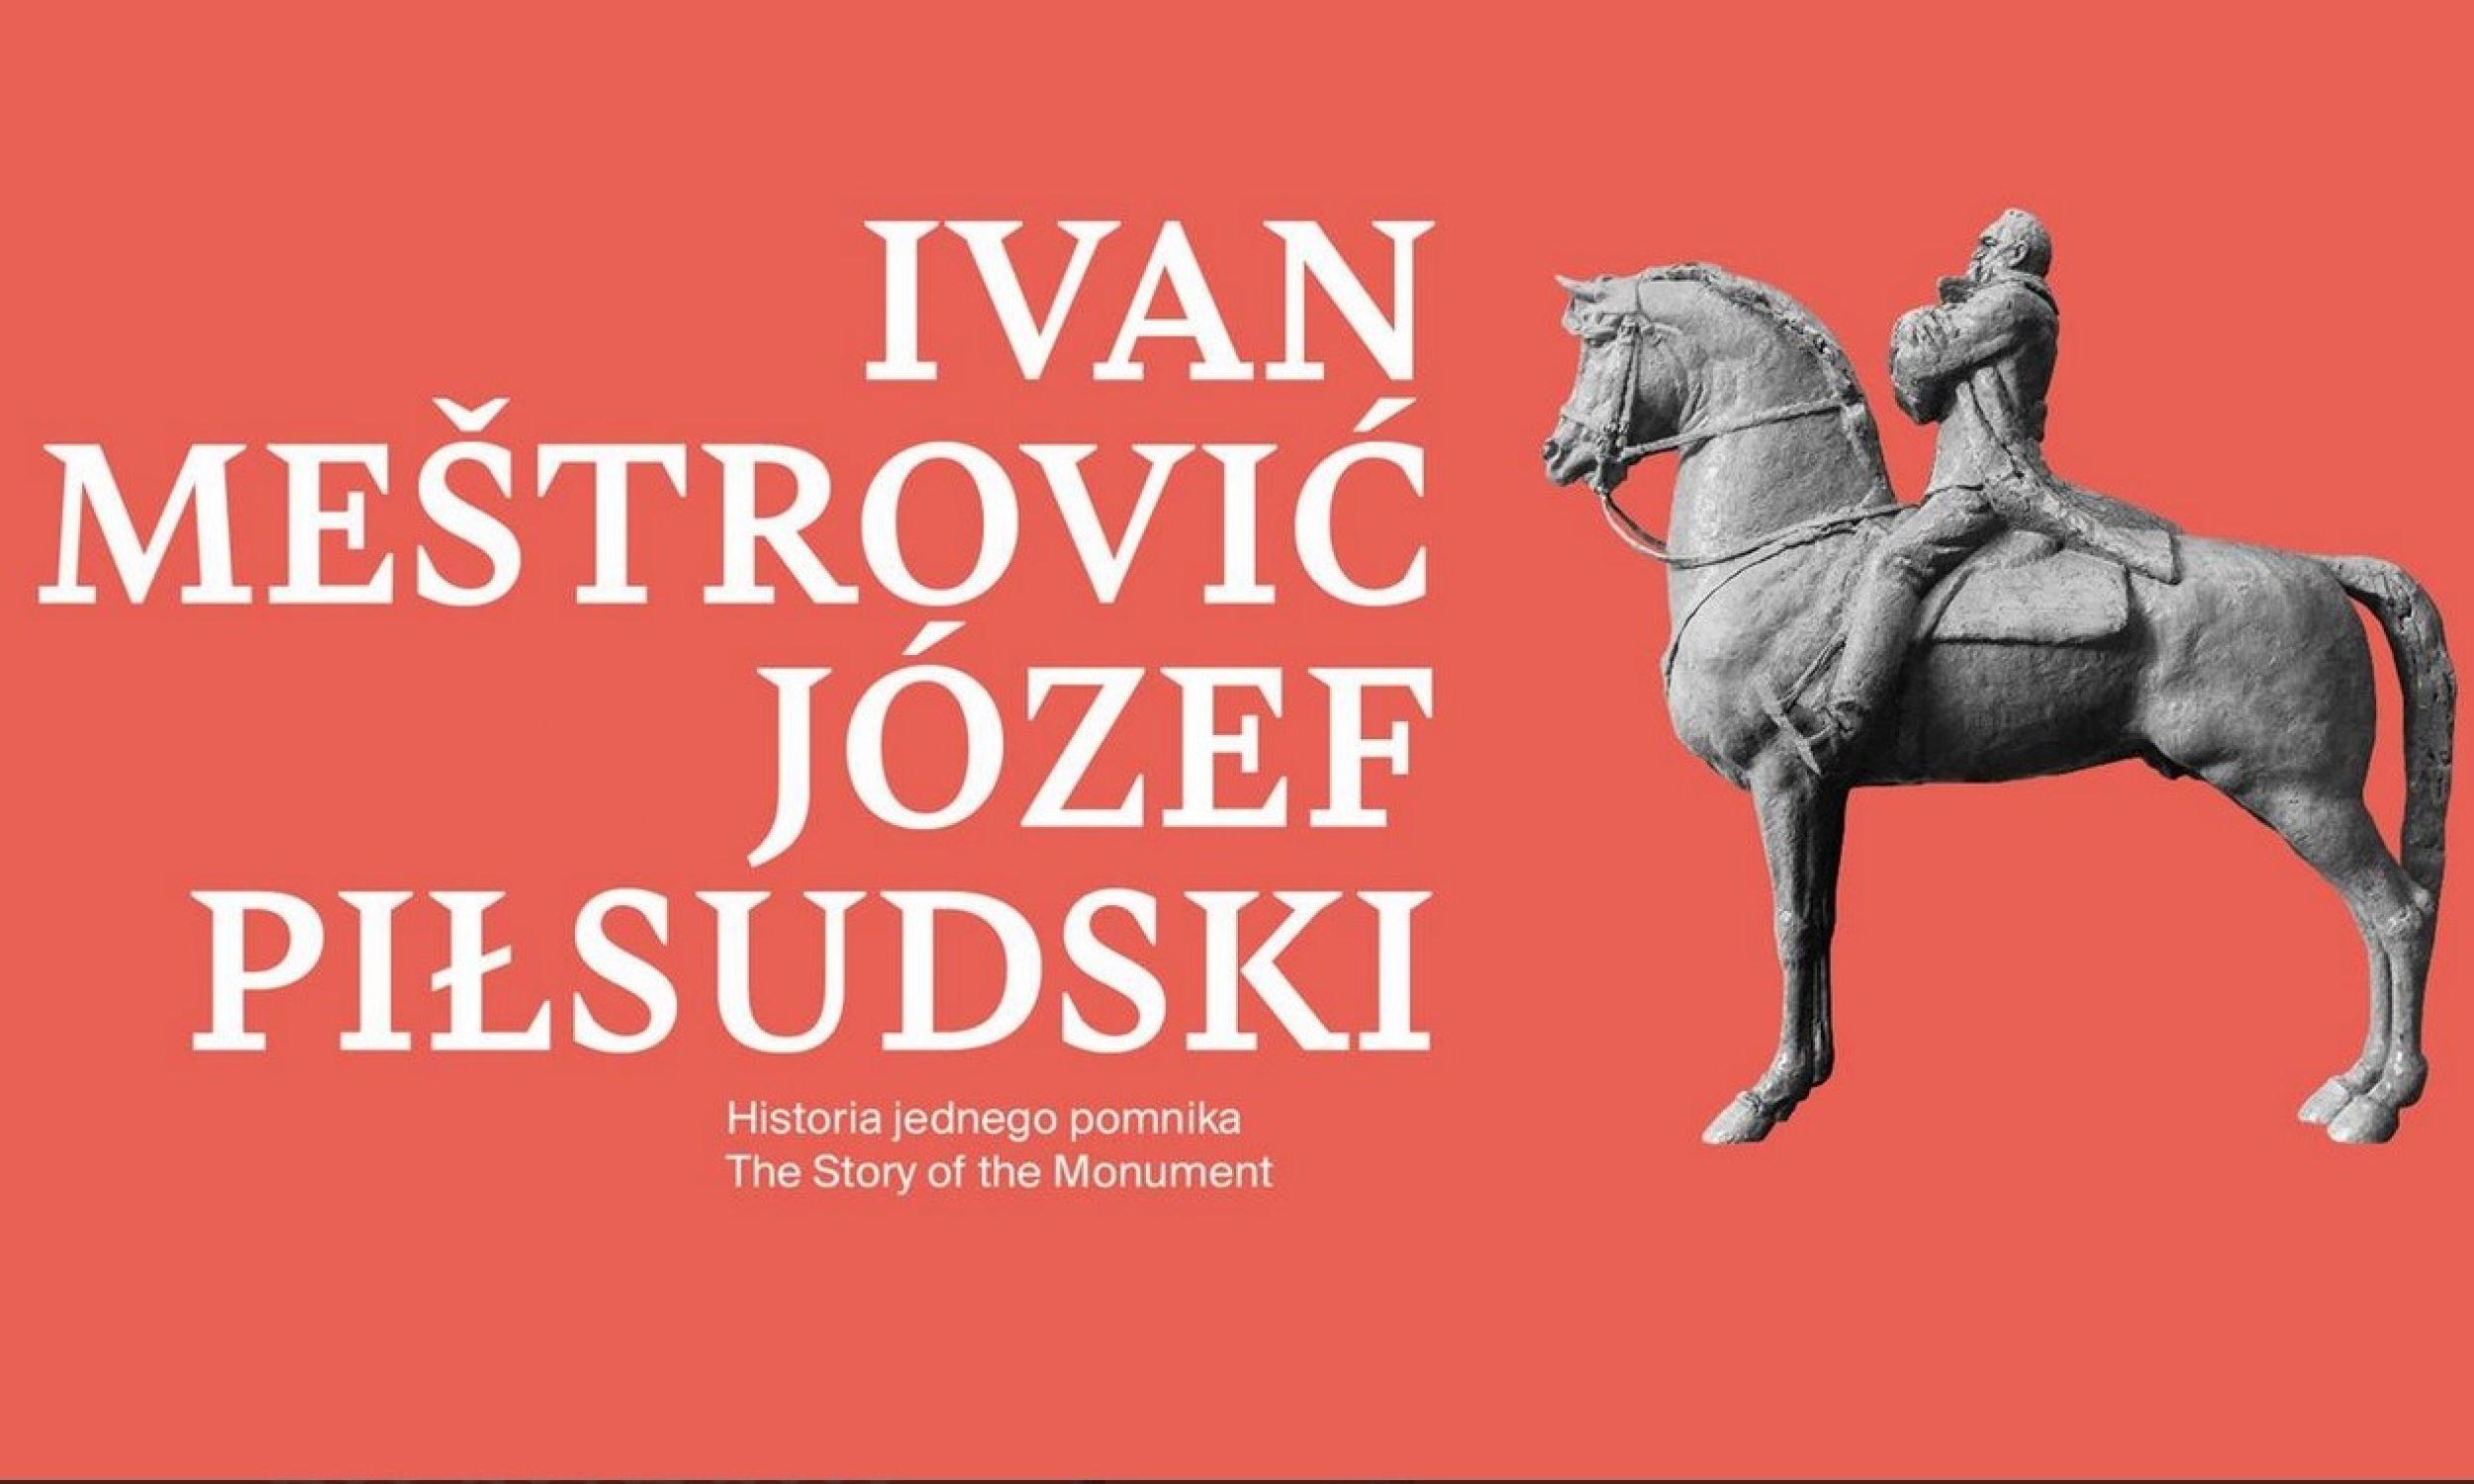 Chorwat zaproponował 25-metrową konną statuę Komendanta, stojącą pod dwa razy wyższym łukiem z granitu. Wystawę